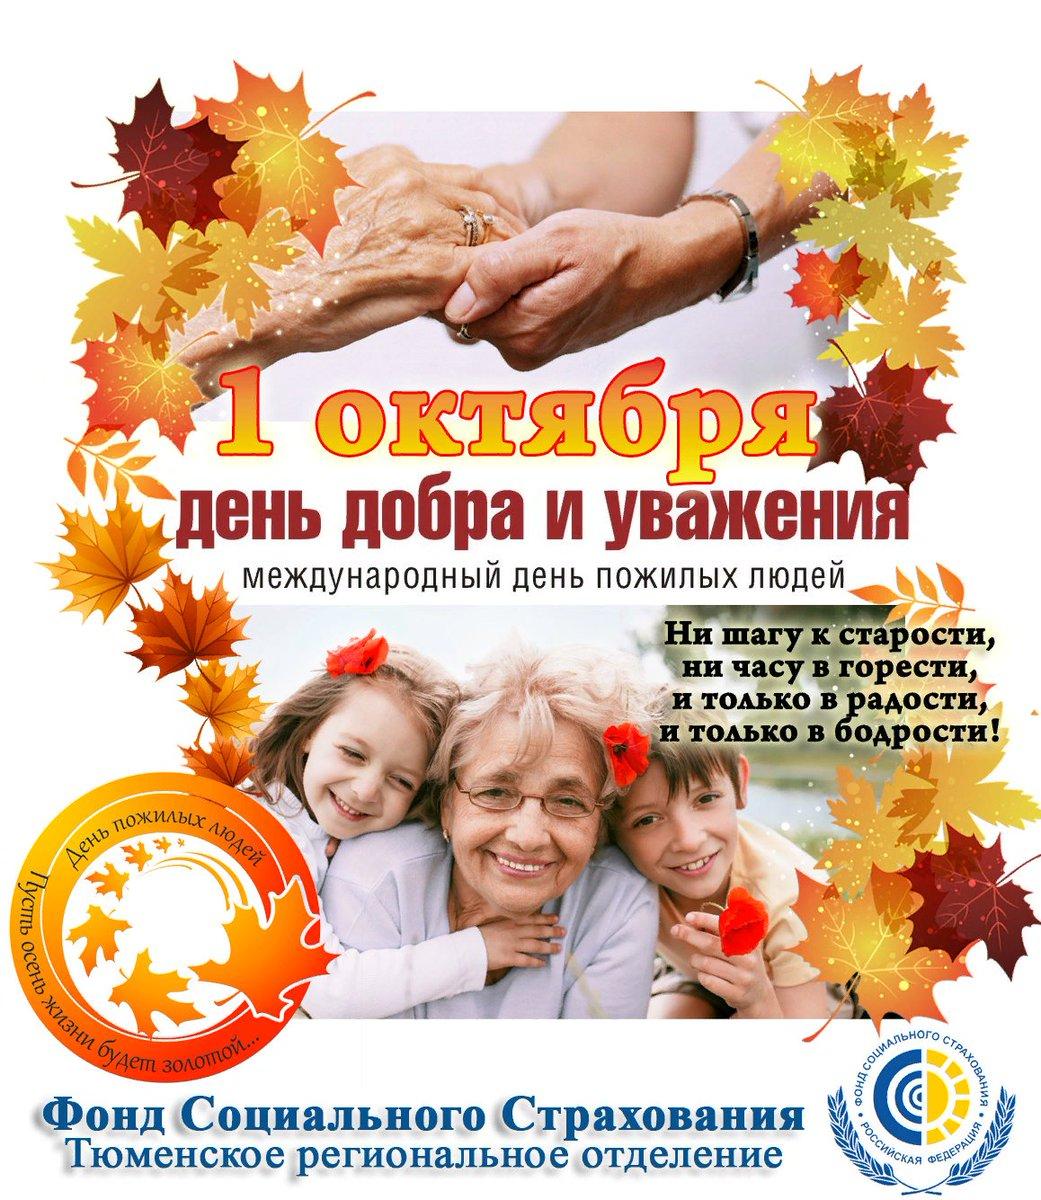 1 октября международный день пожилых людей картинки